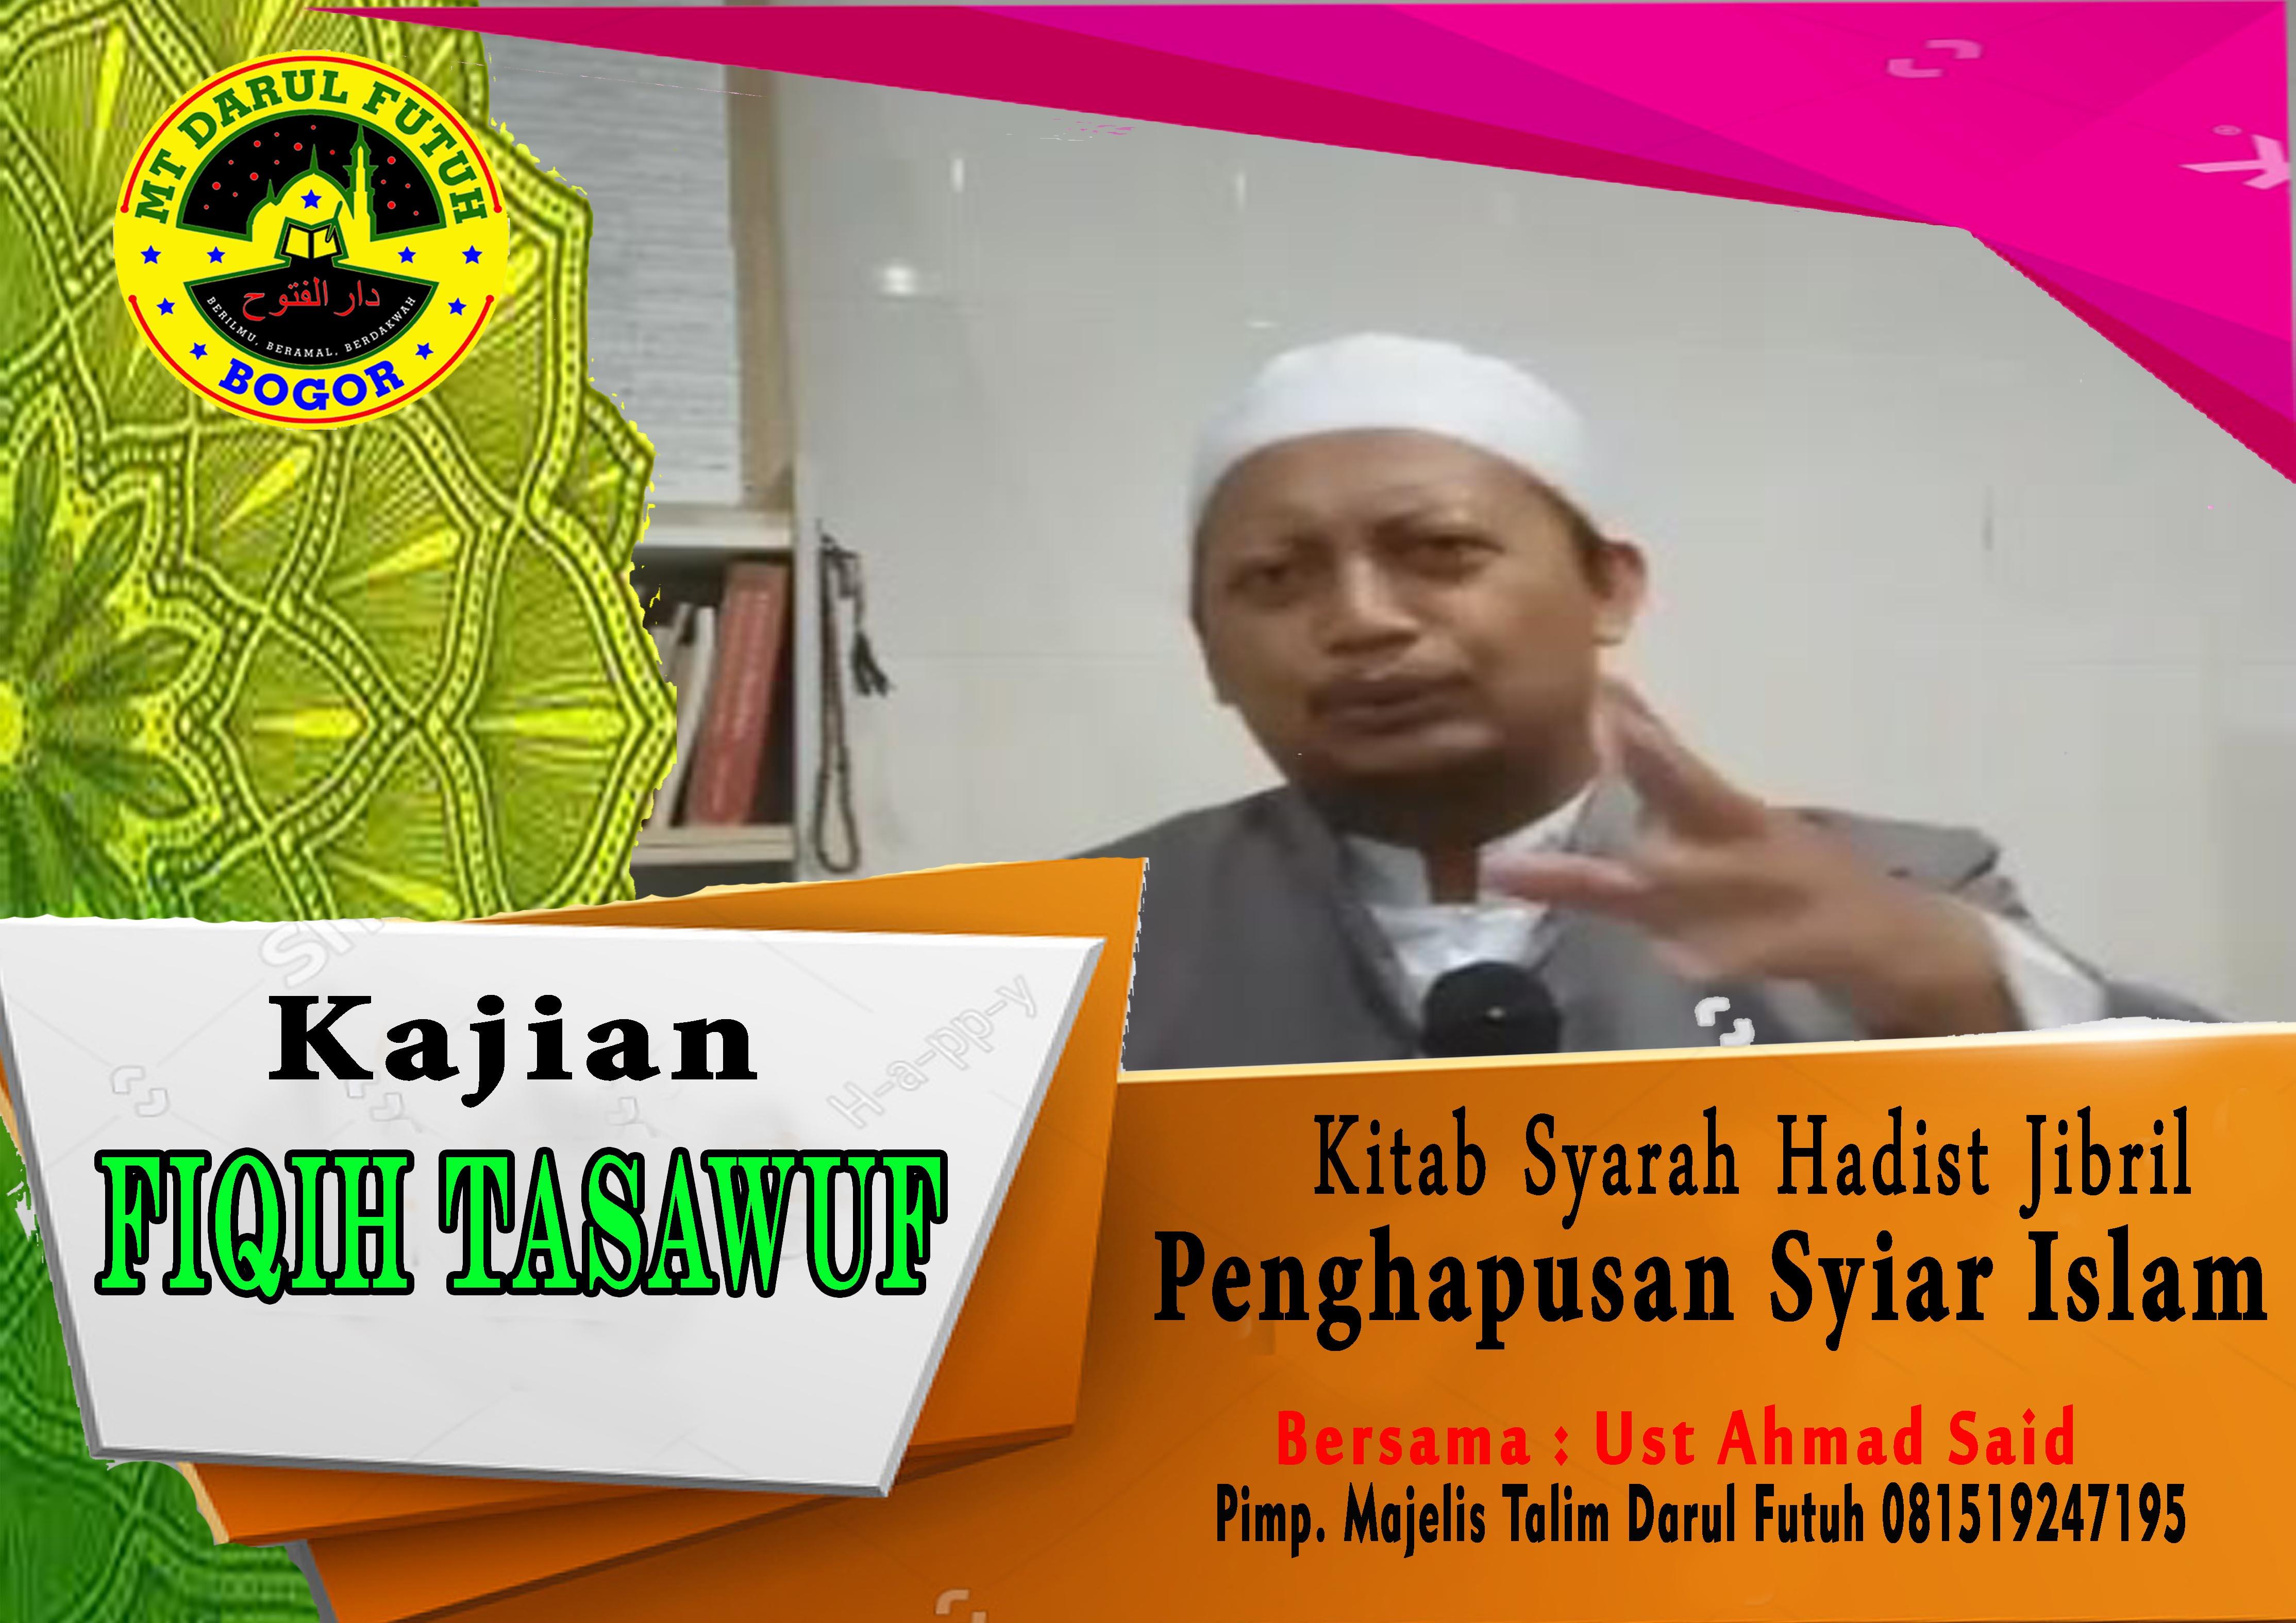 PENGHAPUSAN SYIAR ISLAM Secara Systematis